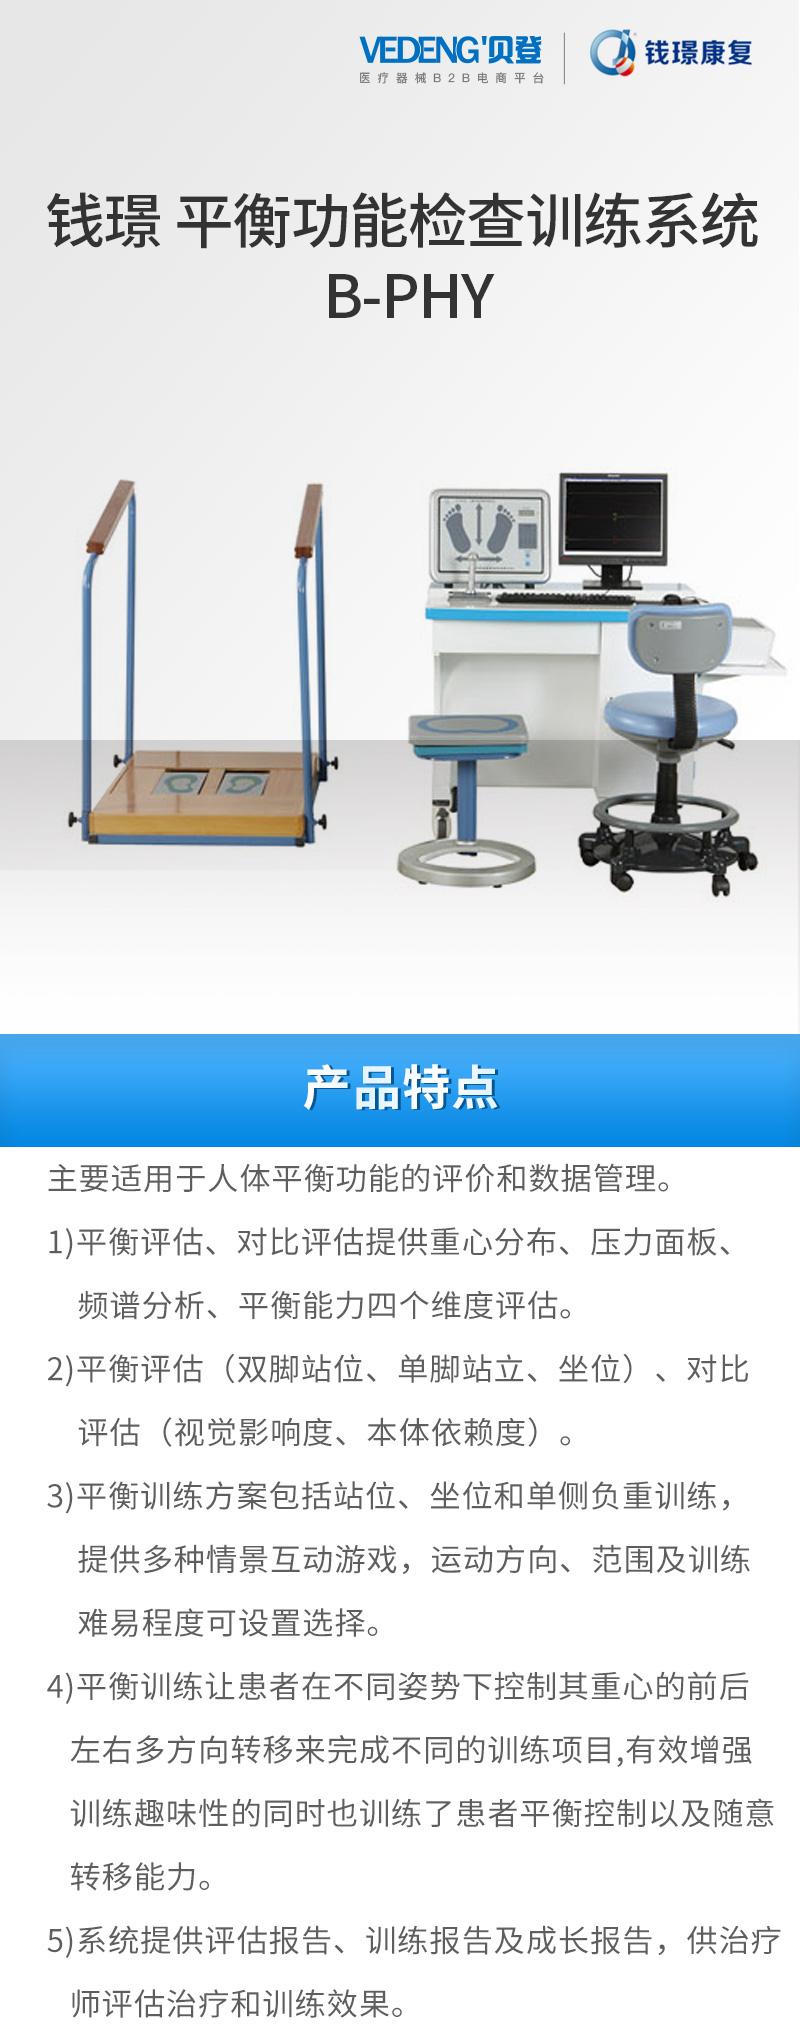 V254585-钱璟-平衡功能检查训练系统-B-PHY_01.jpg